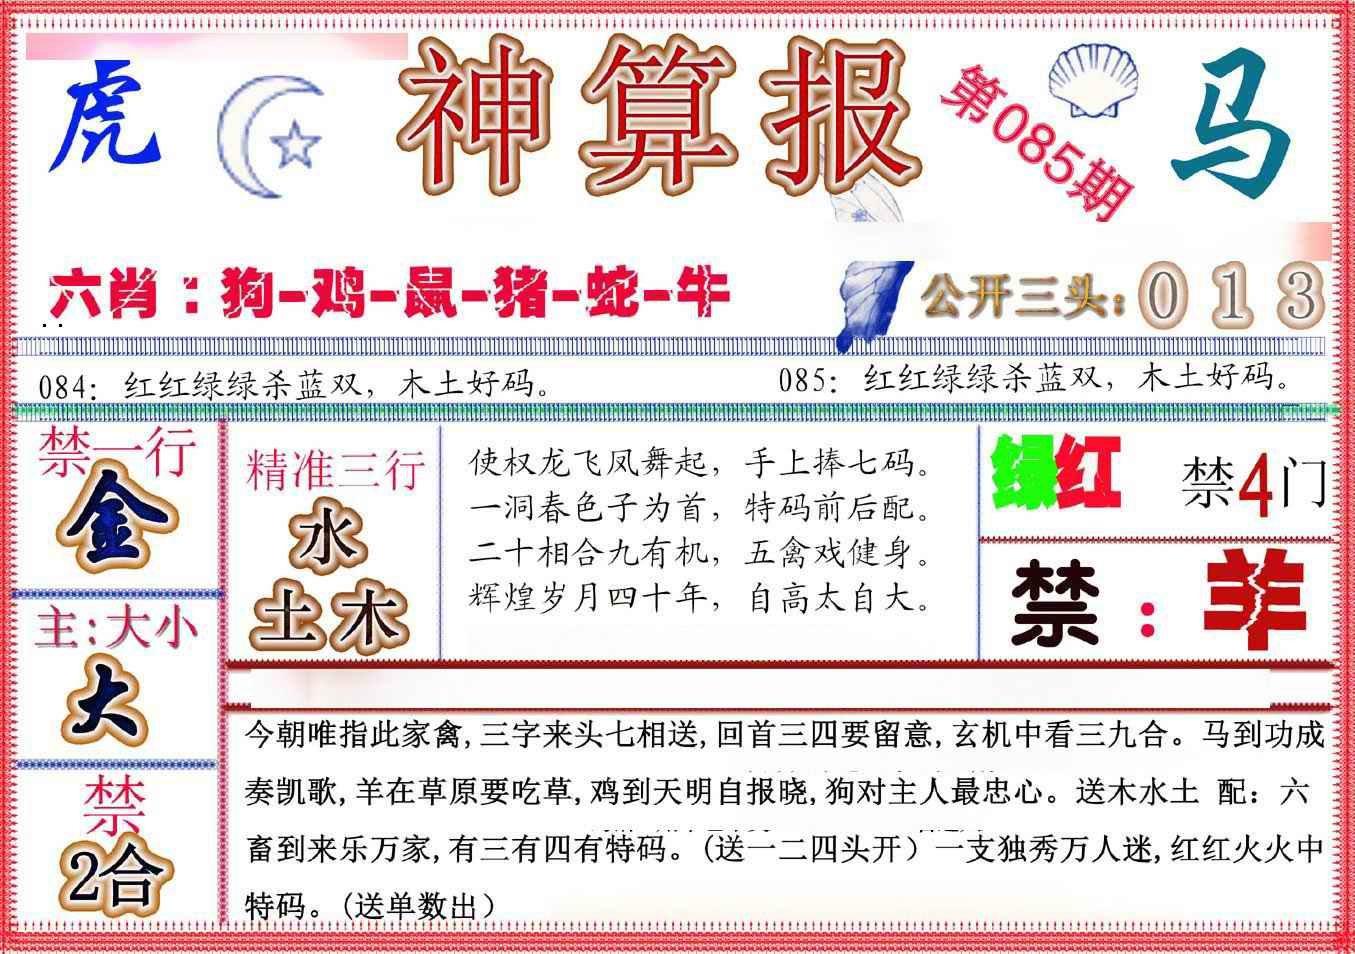 085期神算报(新版)